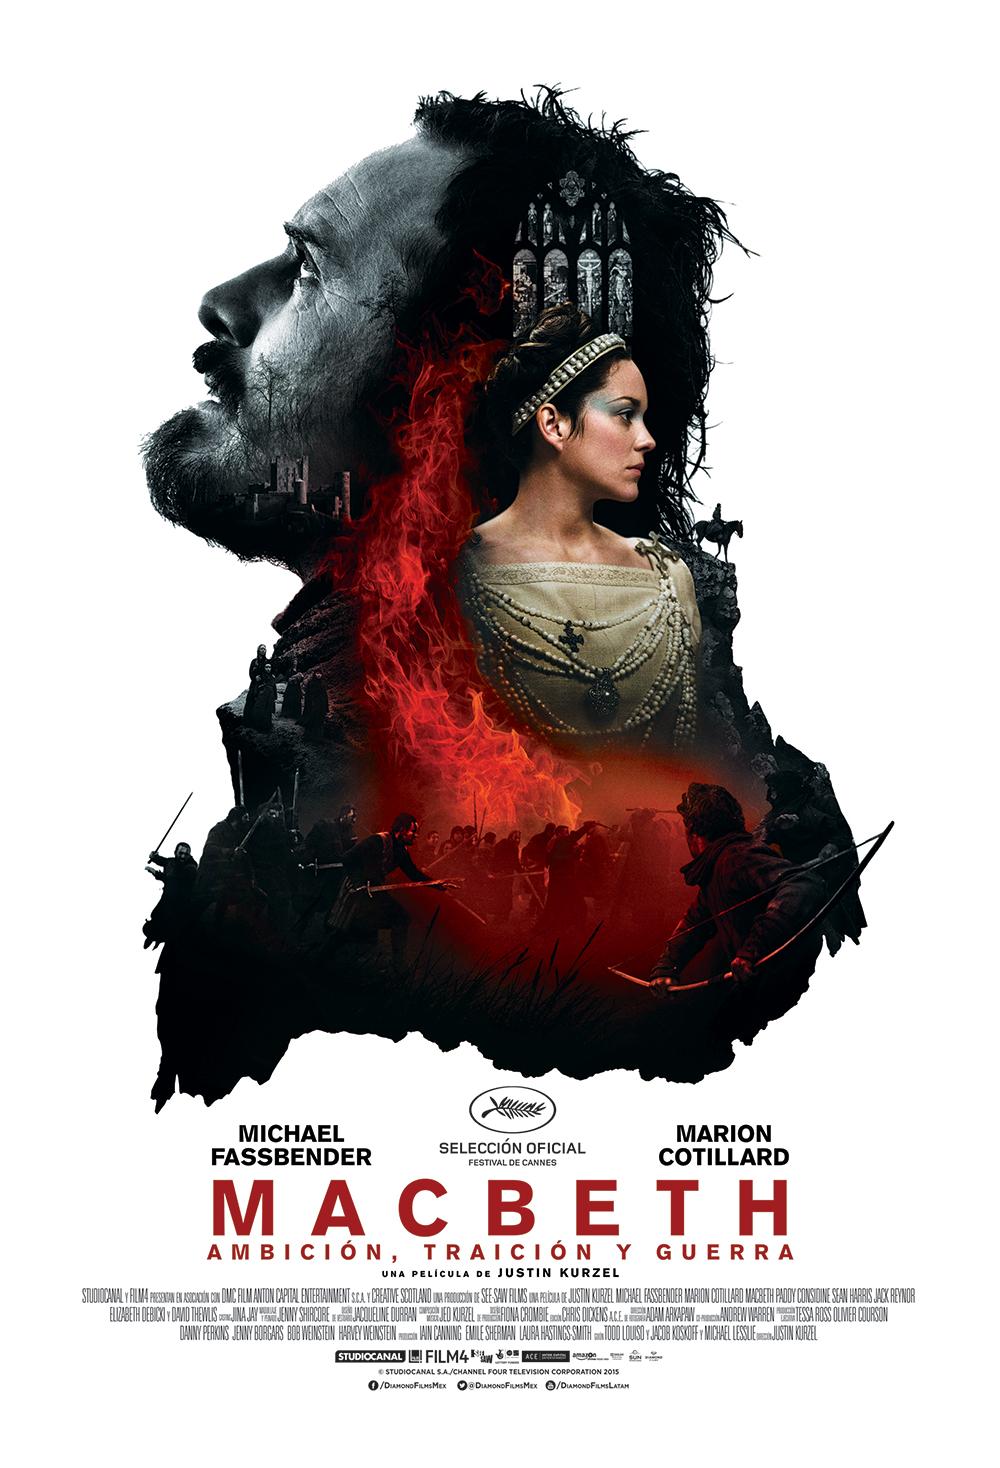 http://4.bp.blogspot.com/-vRbSbHd7z70/VjzP85aoA1I/AAAAAAAARC4/MfTMwzJcTlw/s1600/poster-macbeth.jpg